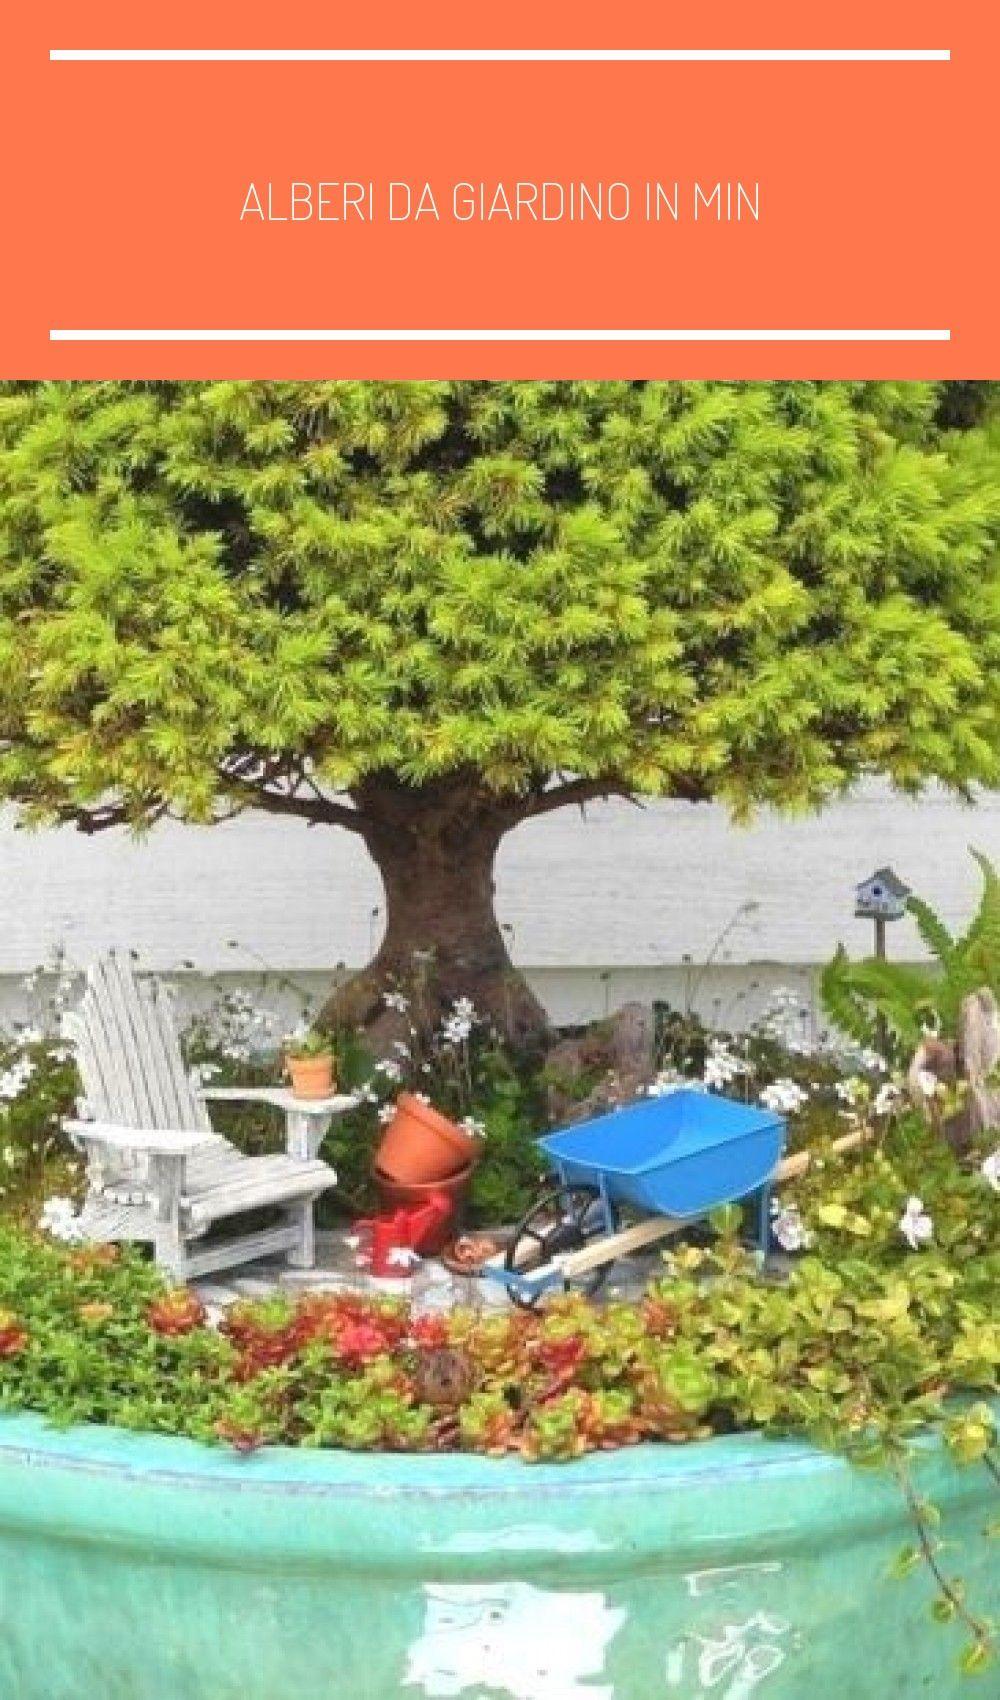 Alberi Da Giardino In Min In 2020 Miniature Garden Garden Trees